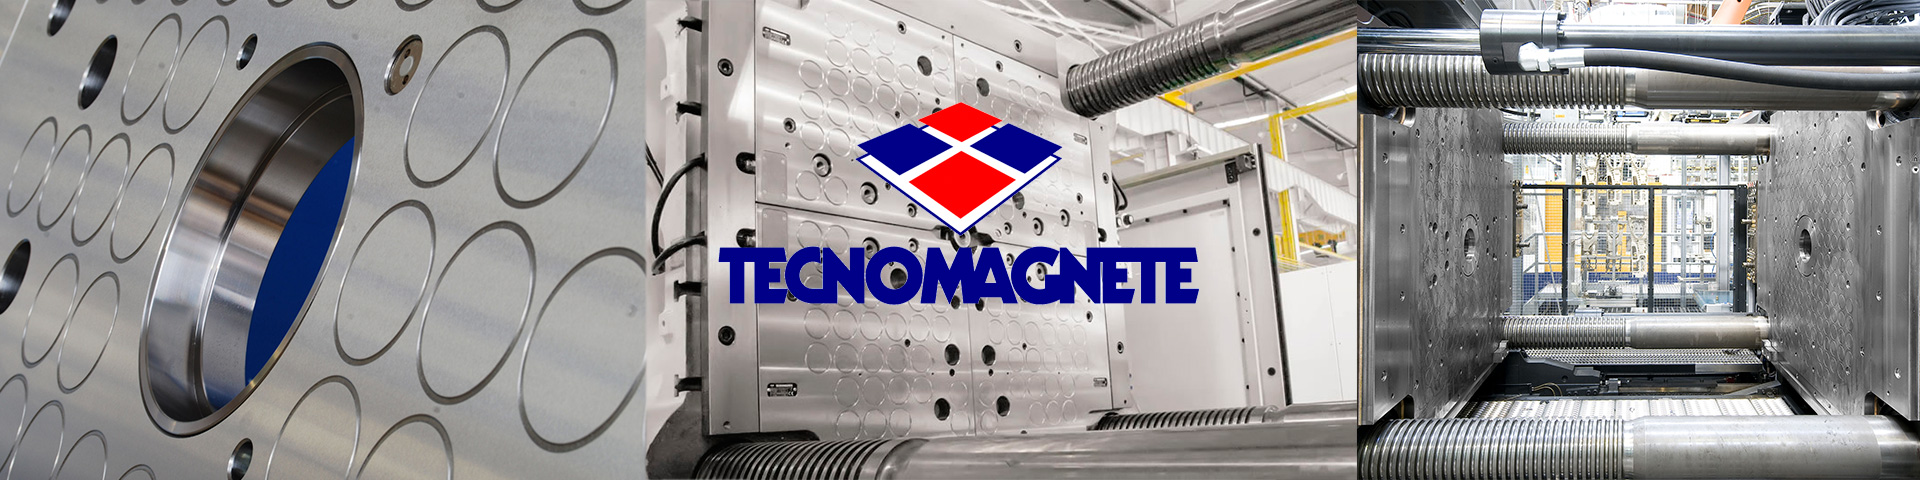 TECNOMAGNETE para autoamarre de moldes y matrices